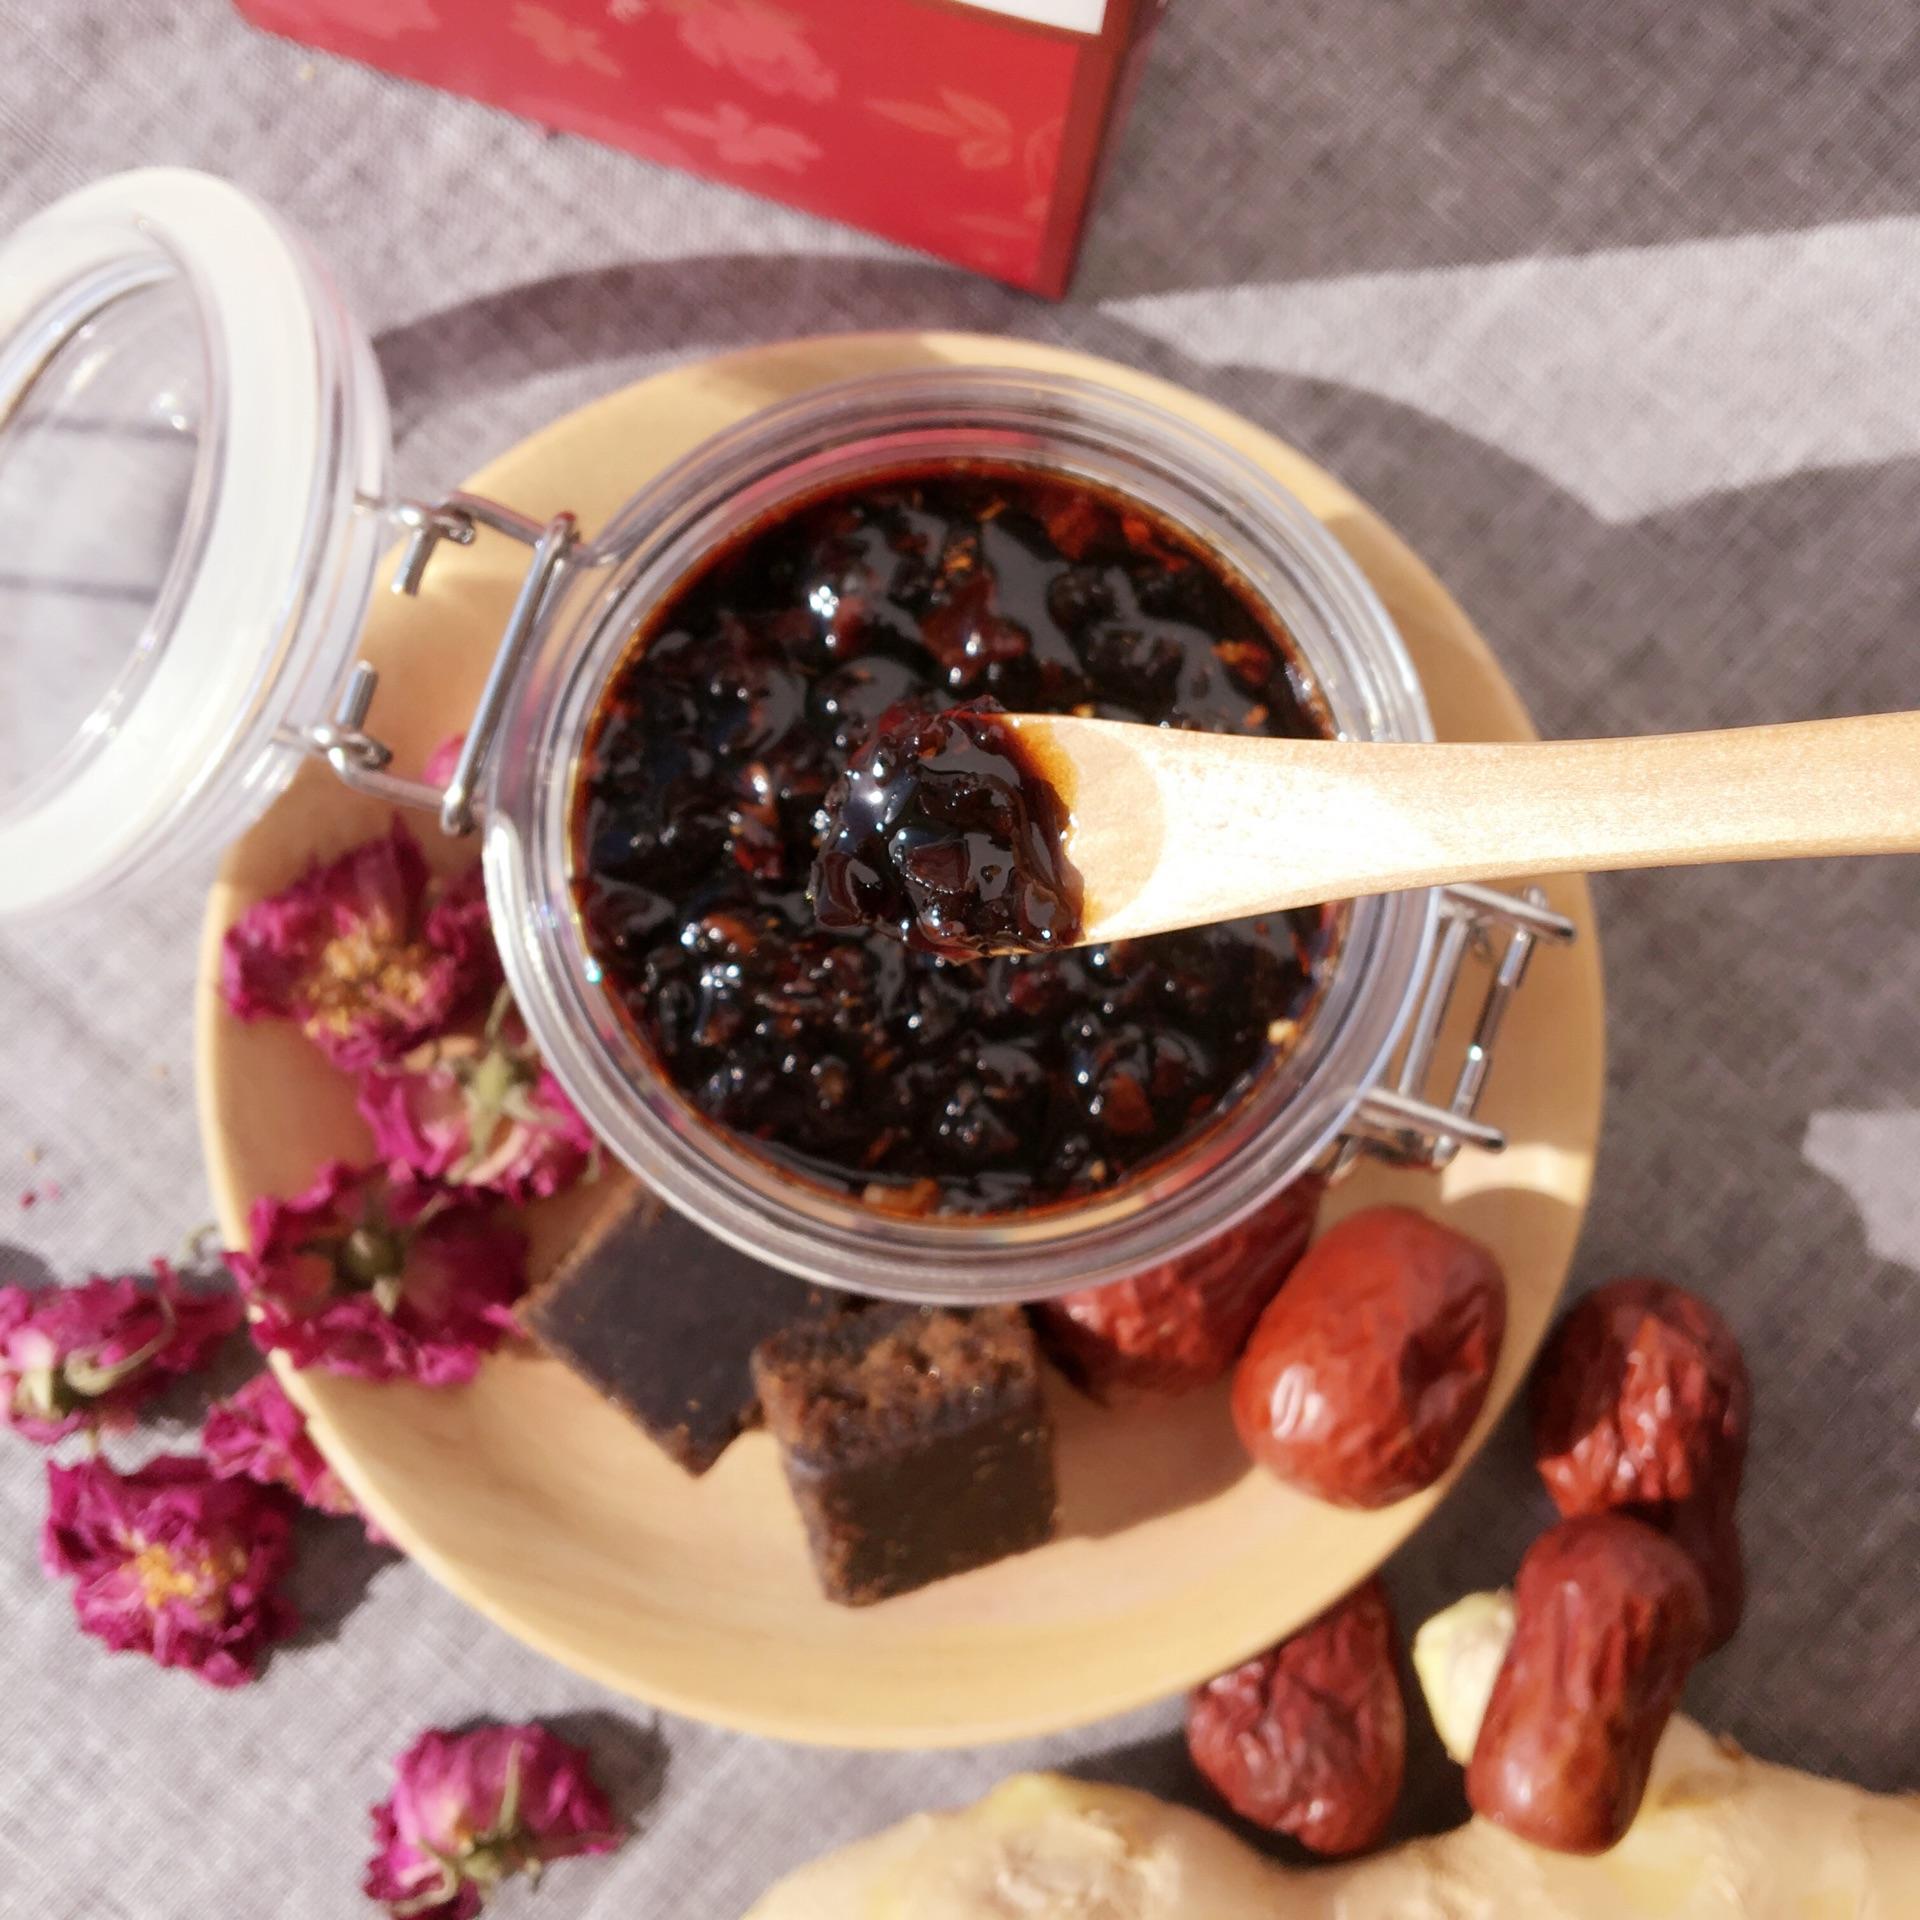 红糖姜茶~盛开的玫瑰的做法步骤 - 平阴玫瑰甲天下 - 我心永恒博客乐园 平阴玫瑰甲天下